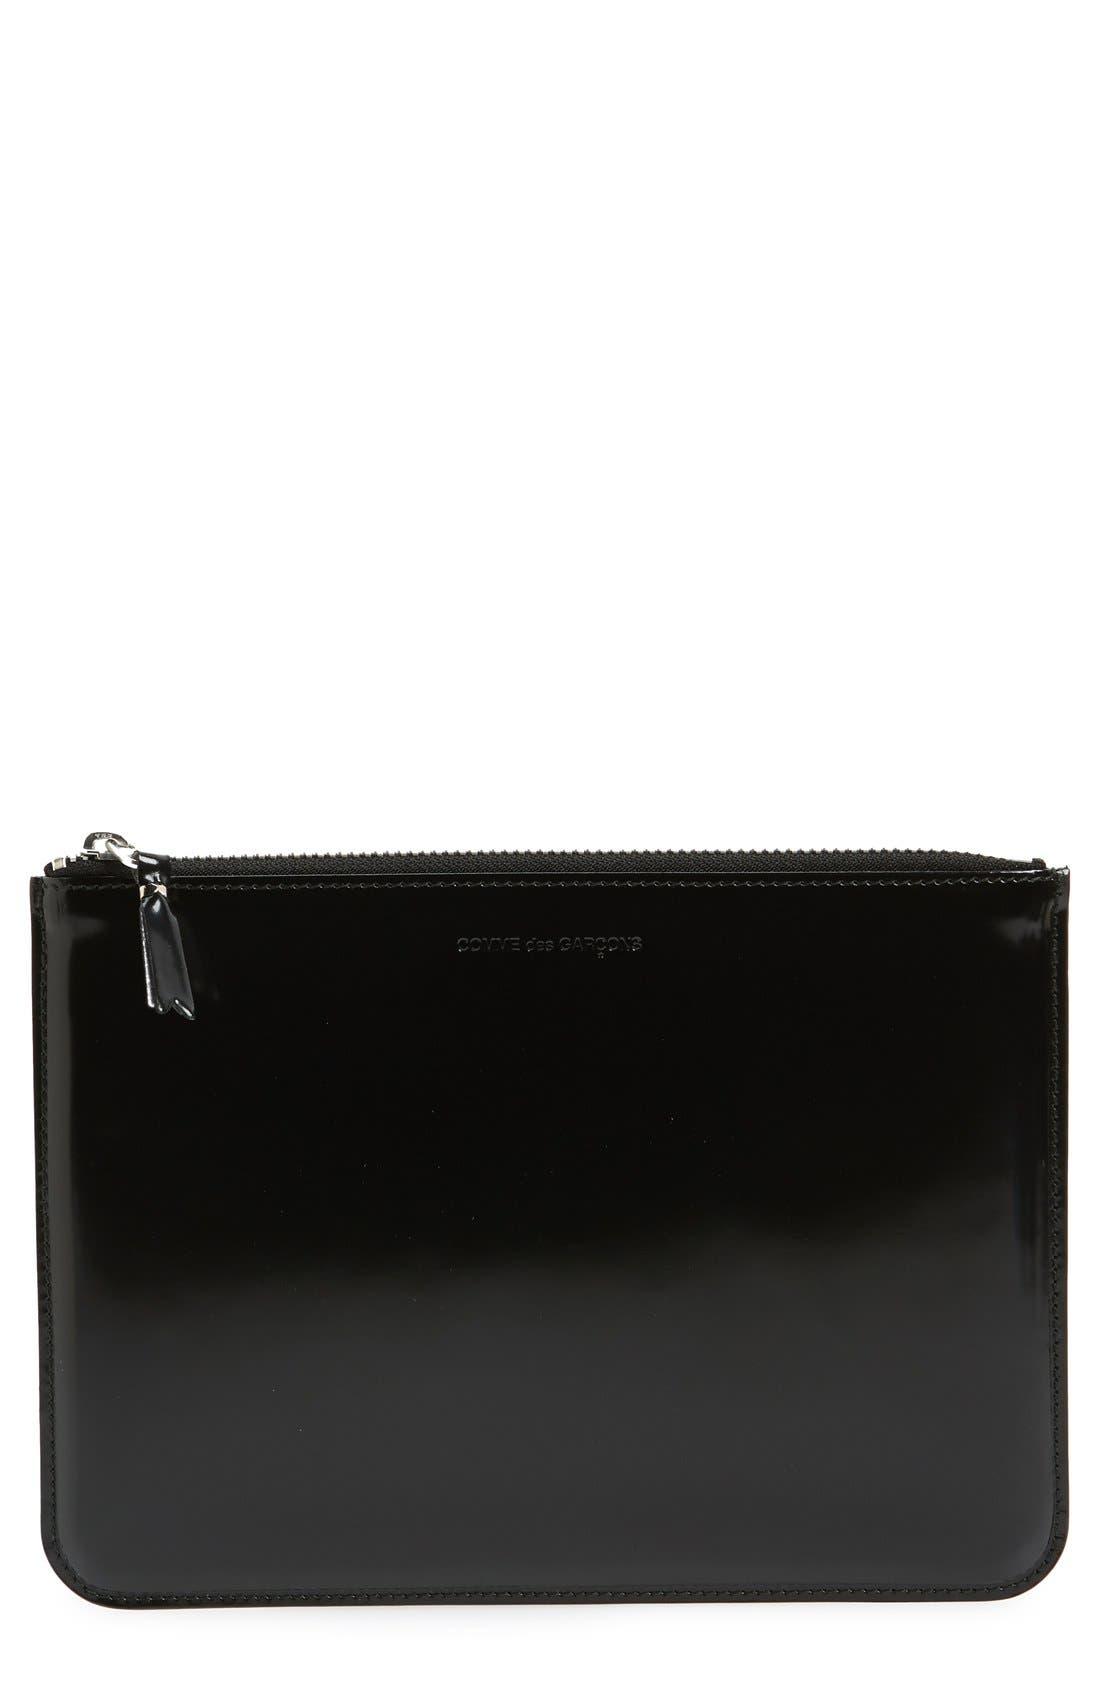 Main Image - Comme des Garçons Large Top Zip Leather Pouch